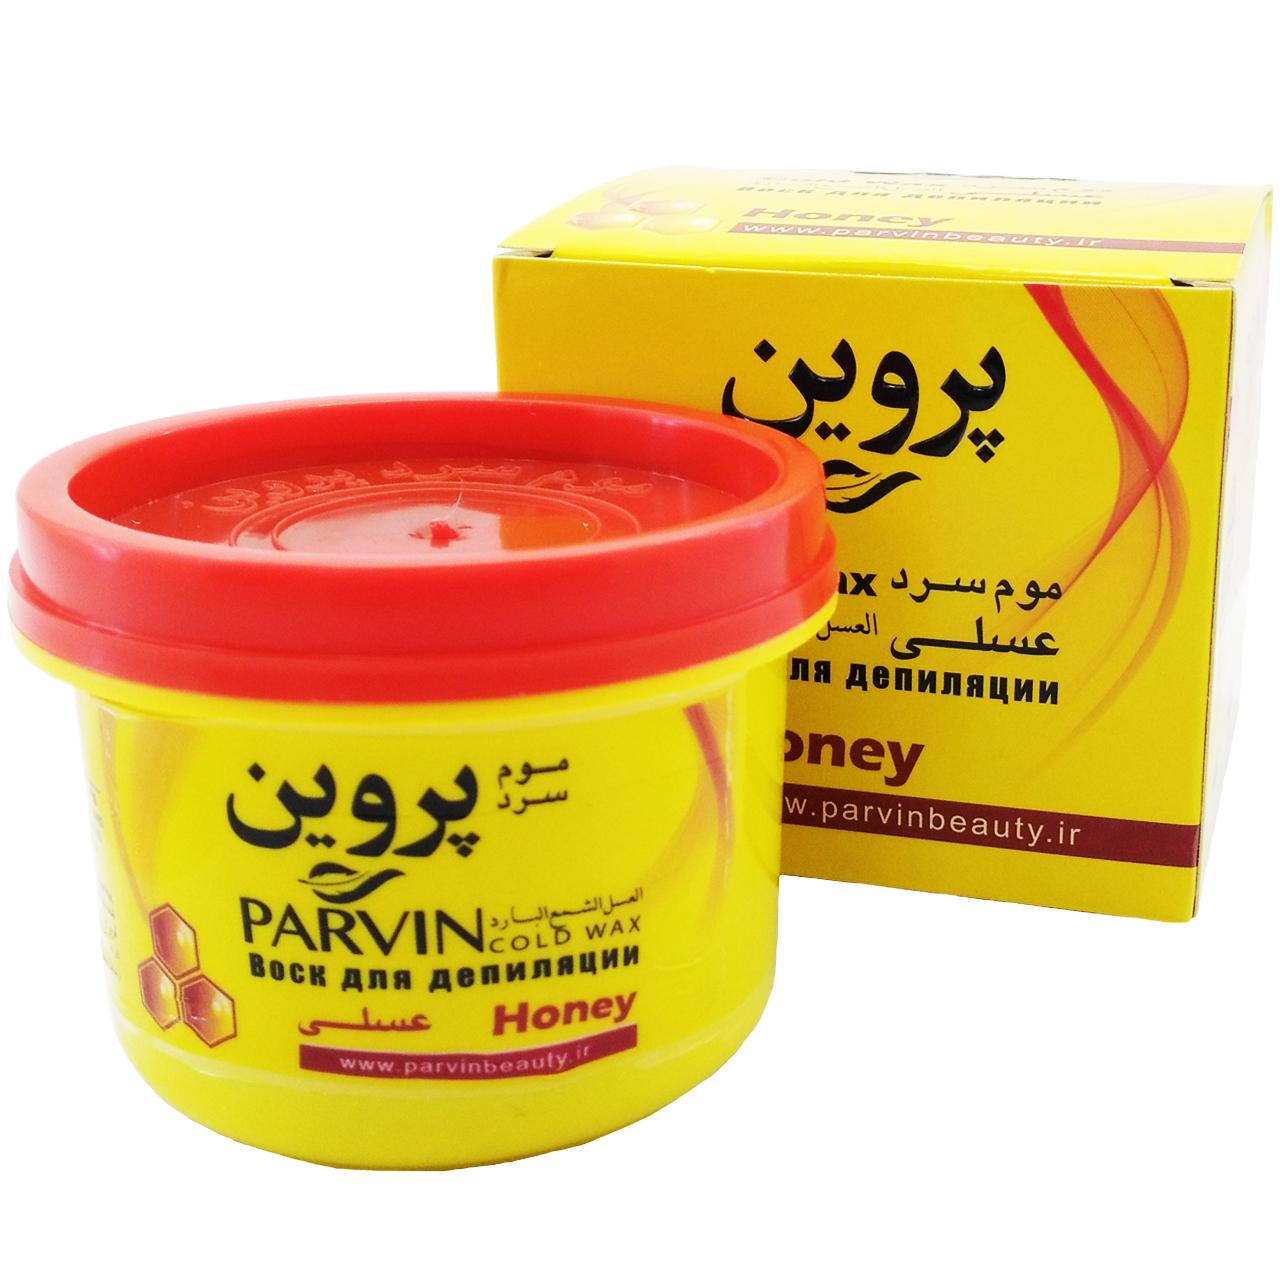 موم سرد پروین مدل Honey حجم ۳۰۰ گرم